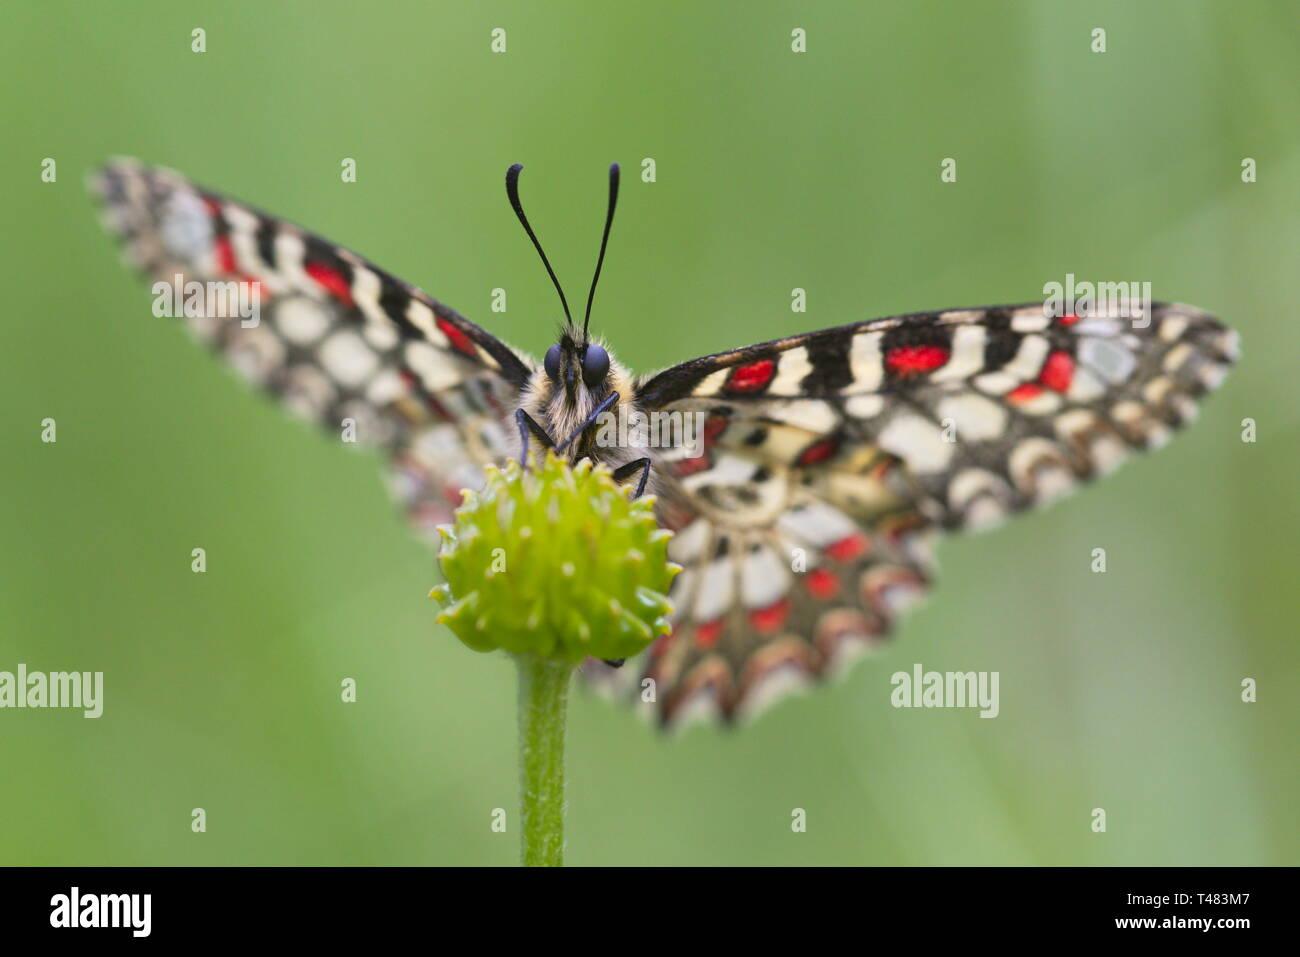 Zerynthia rumina, la decoración española, es una mariposa perteneciente a la familia Papilionidae. Es una especie ampliamente distribuida en España y frecuenta la mayoría hab Imagen De Stock